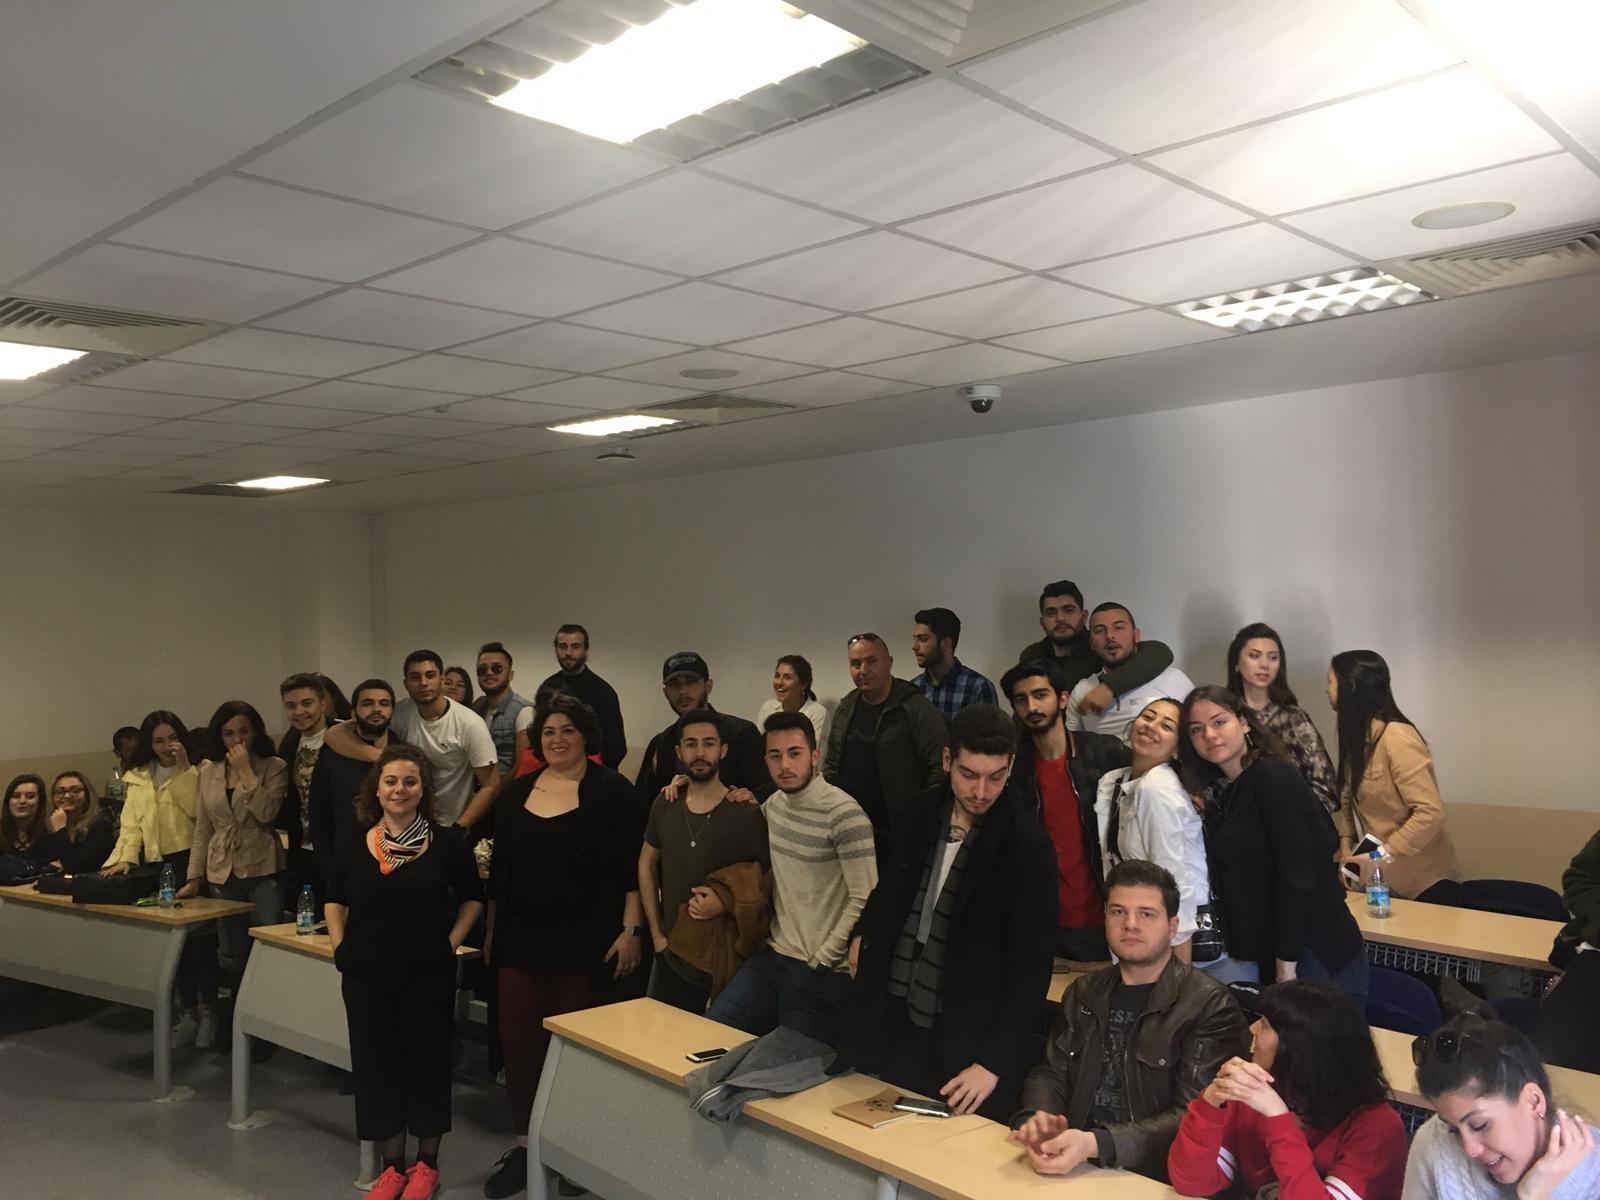 Mimari Restorasyon Programı ÇUS Etkinliği Kapsamında Y.Mimar Restorasyon Uzmanı Fatma Sezgi MAMAKLI'yı Ağırladı